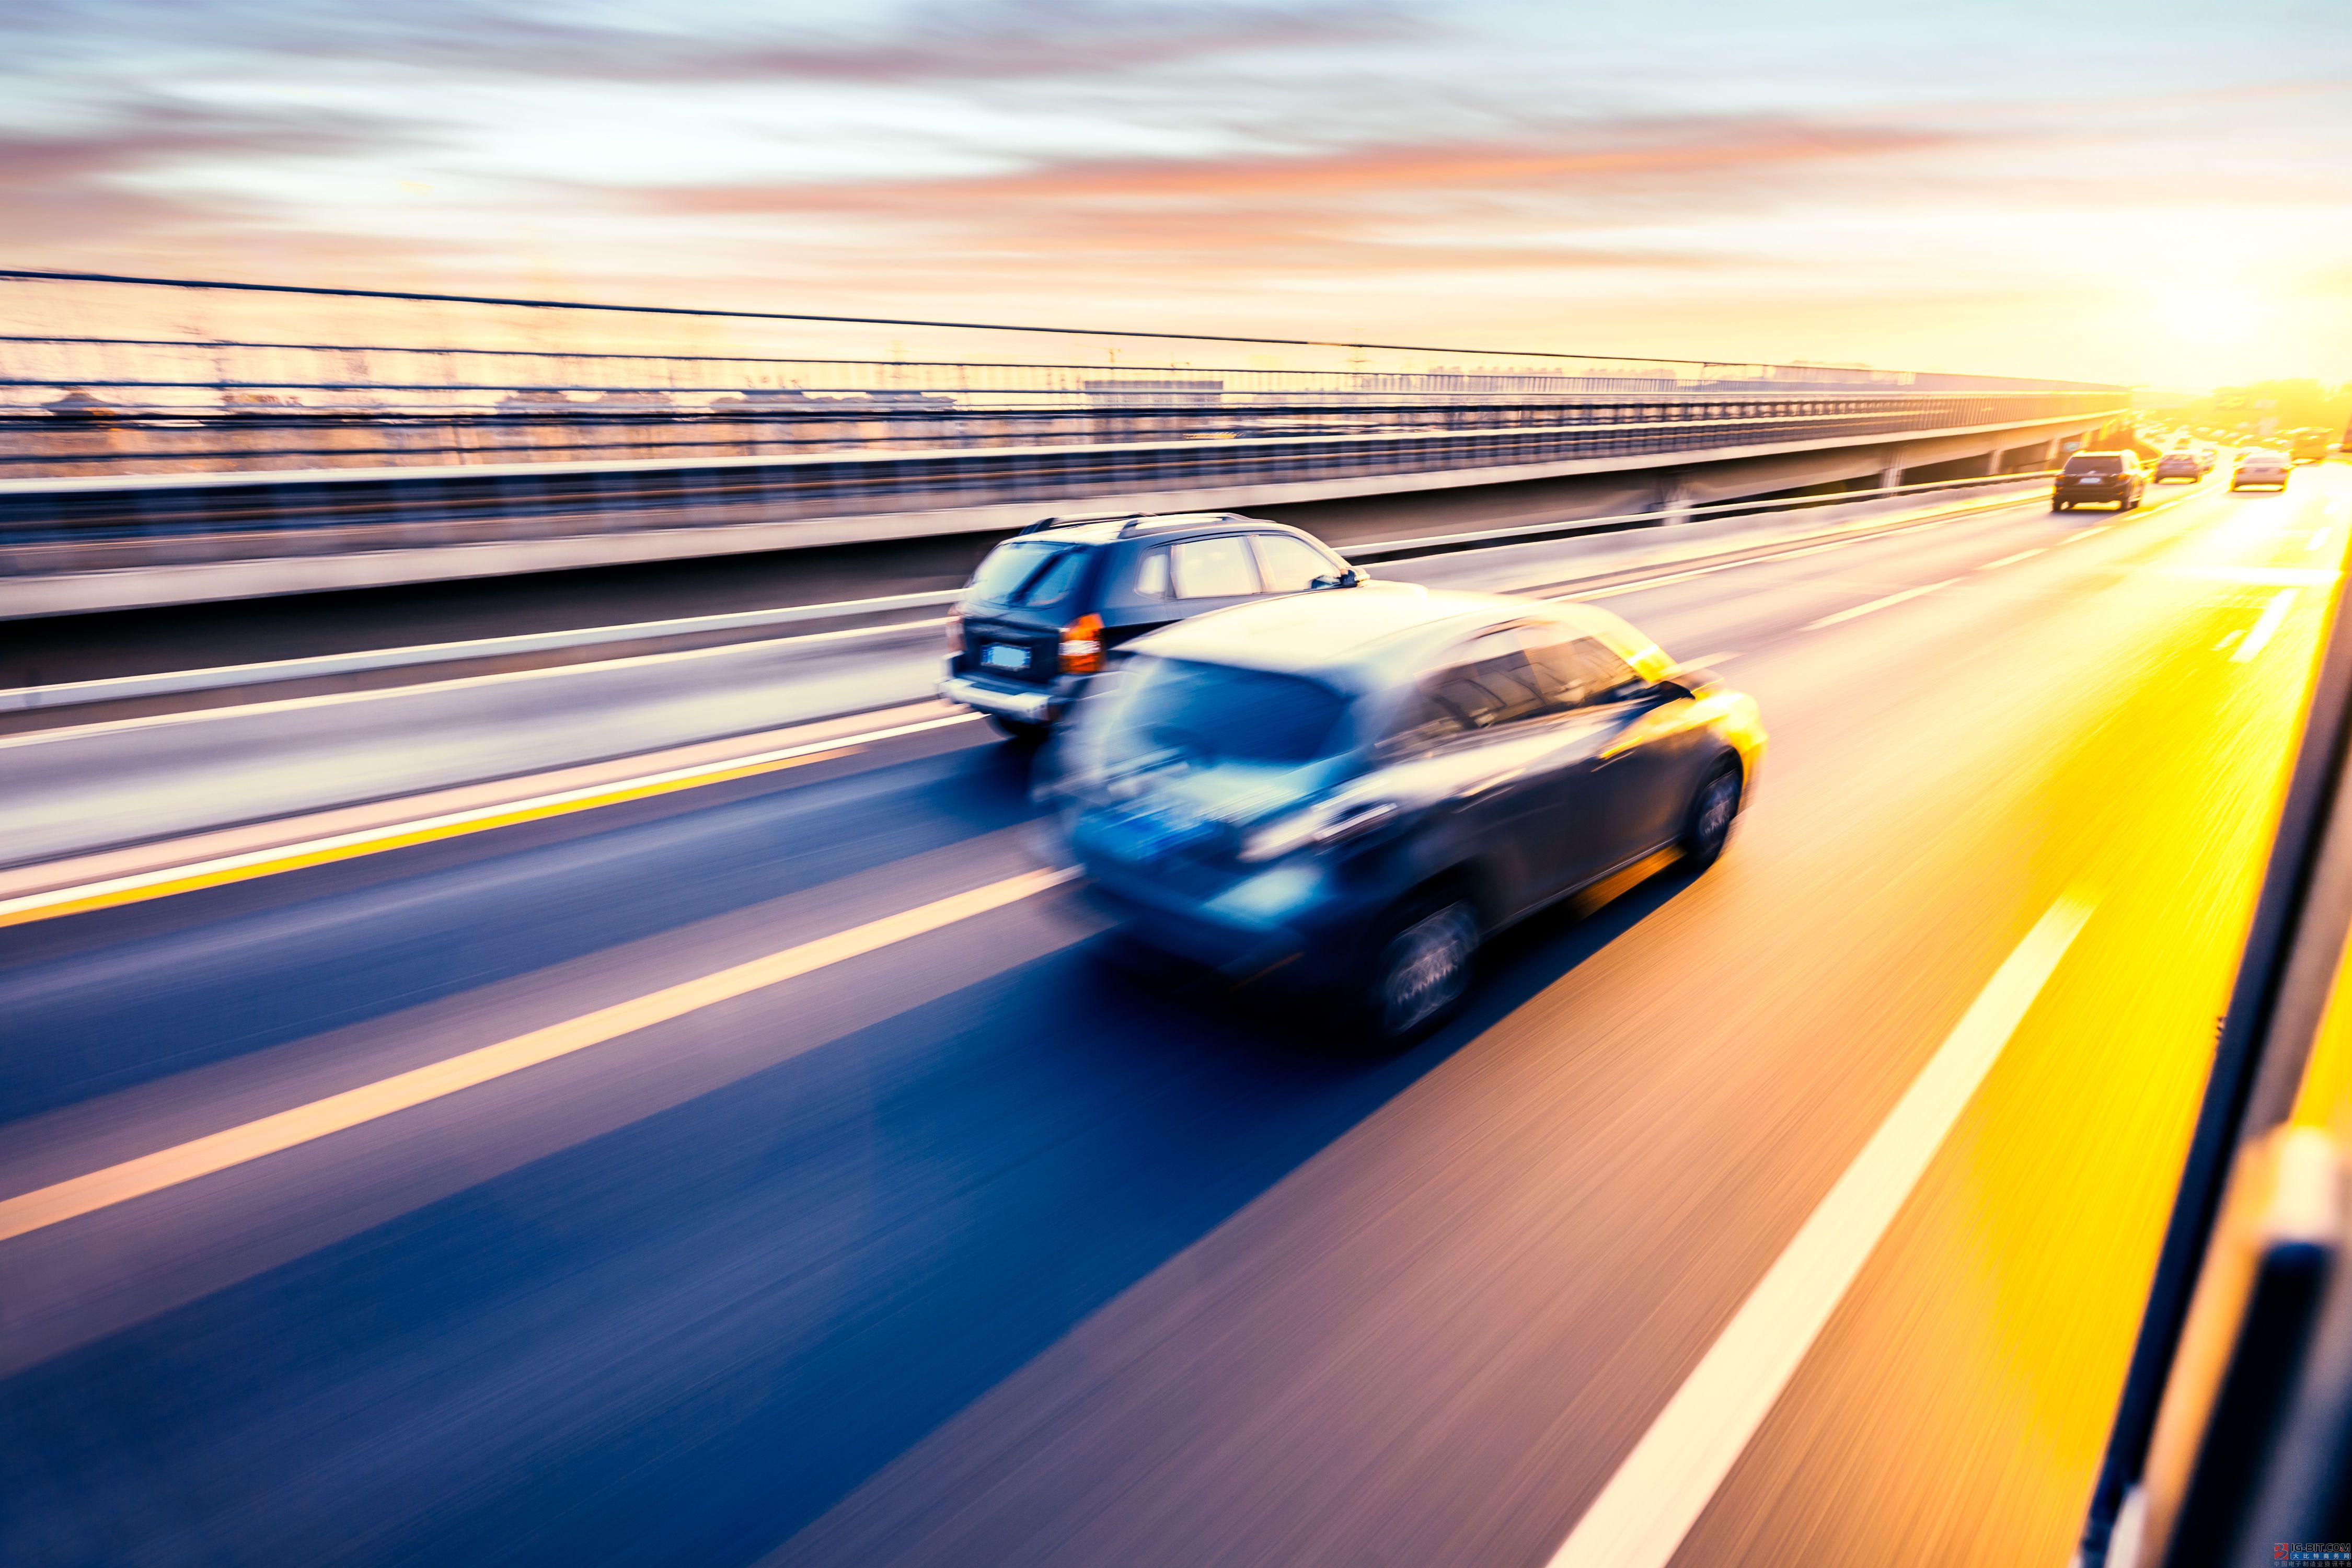 ADI公司成功收购Symeo GmbH,引入面向工业和汽车市场的创新RADAR技术